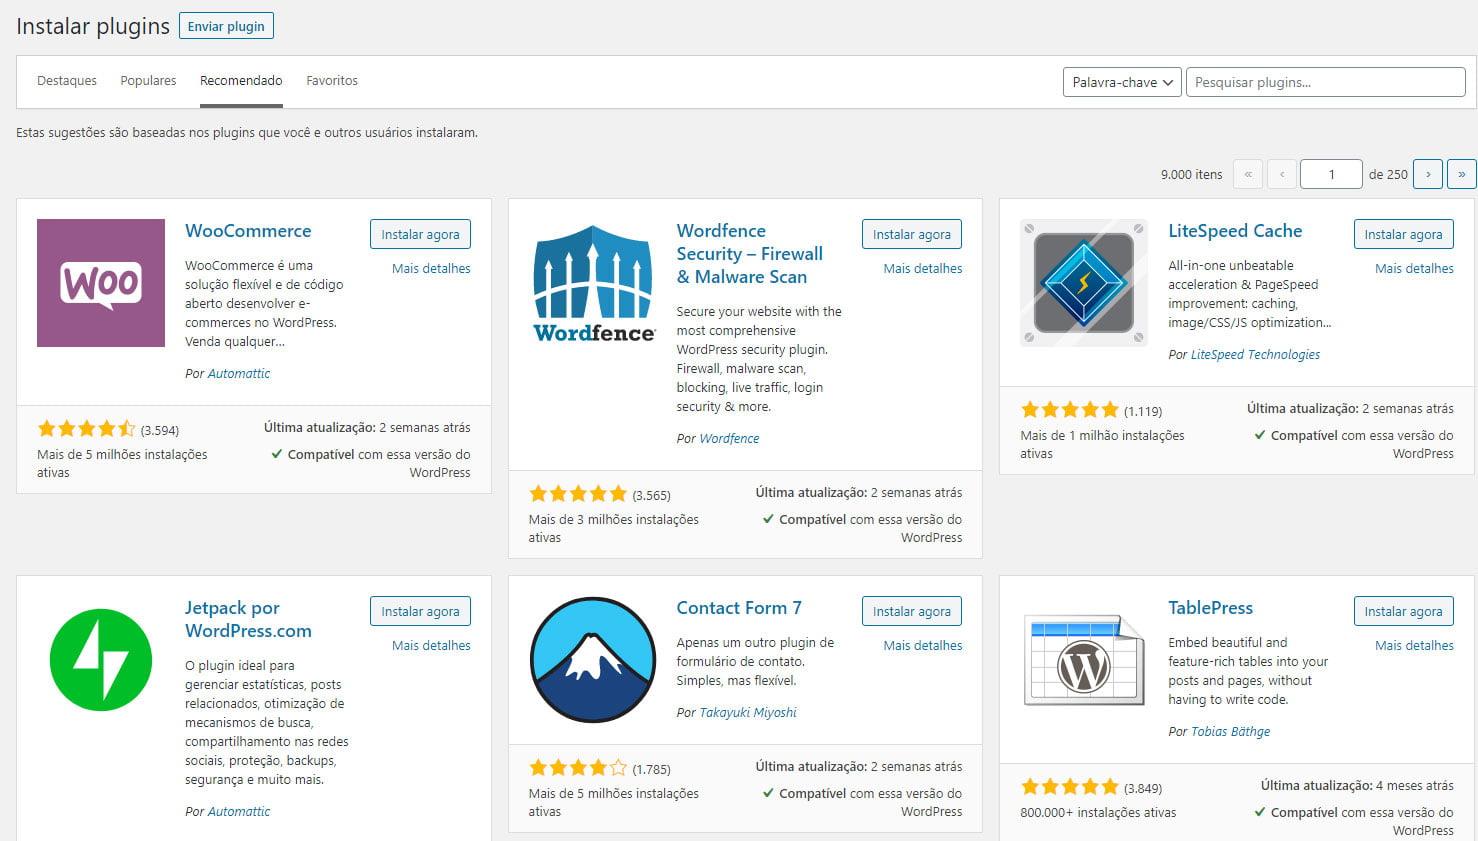 Como escolher plugins para instalar no WordPress